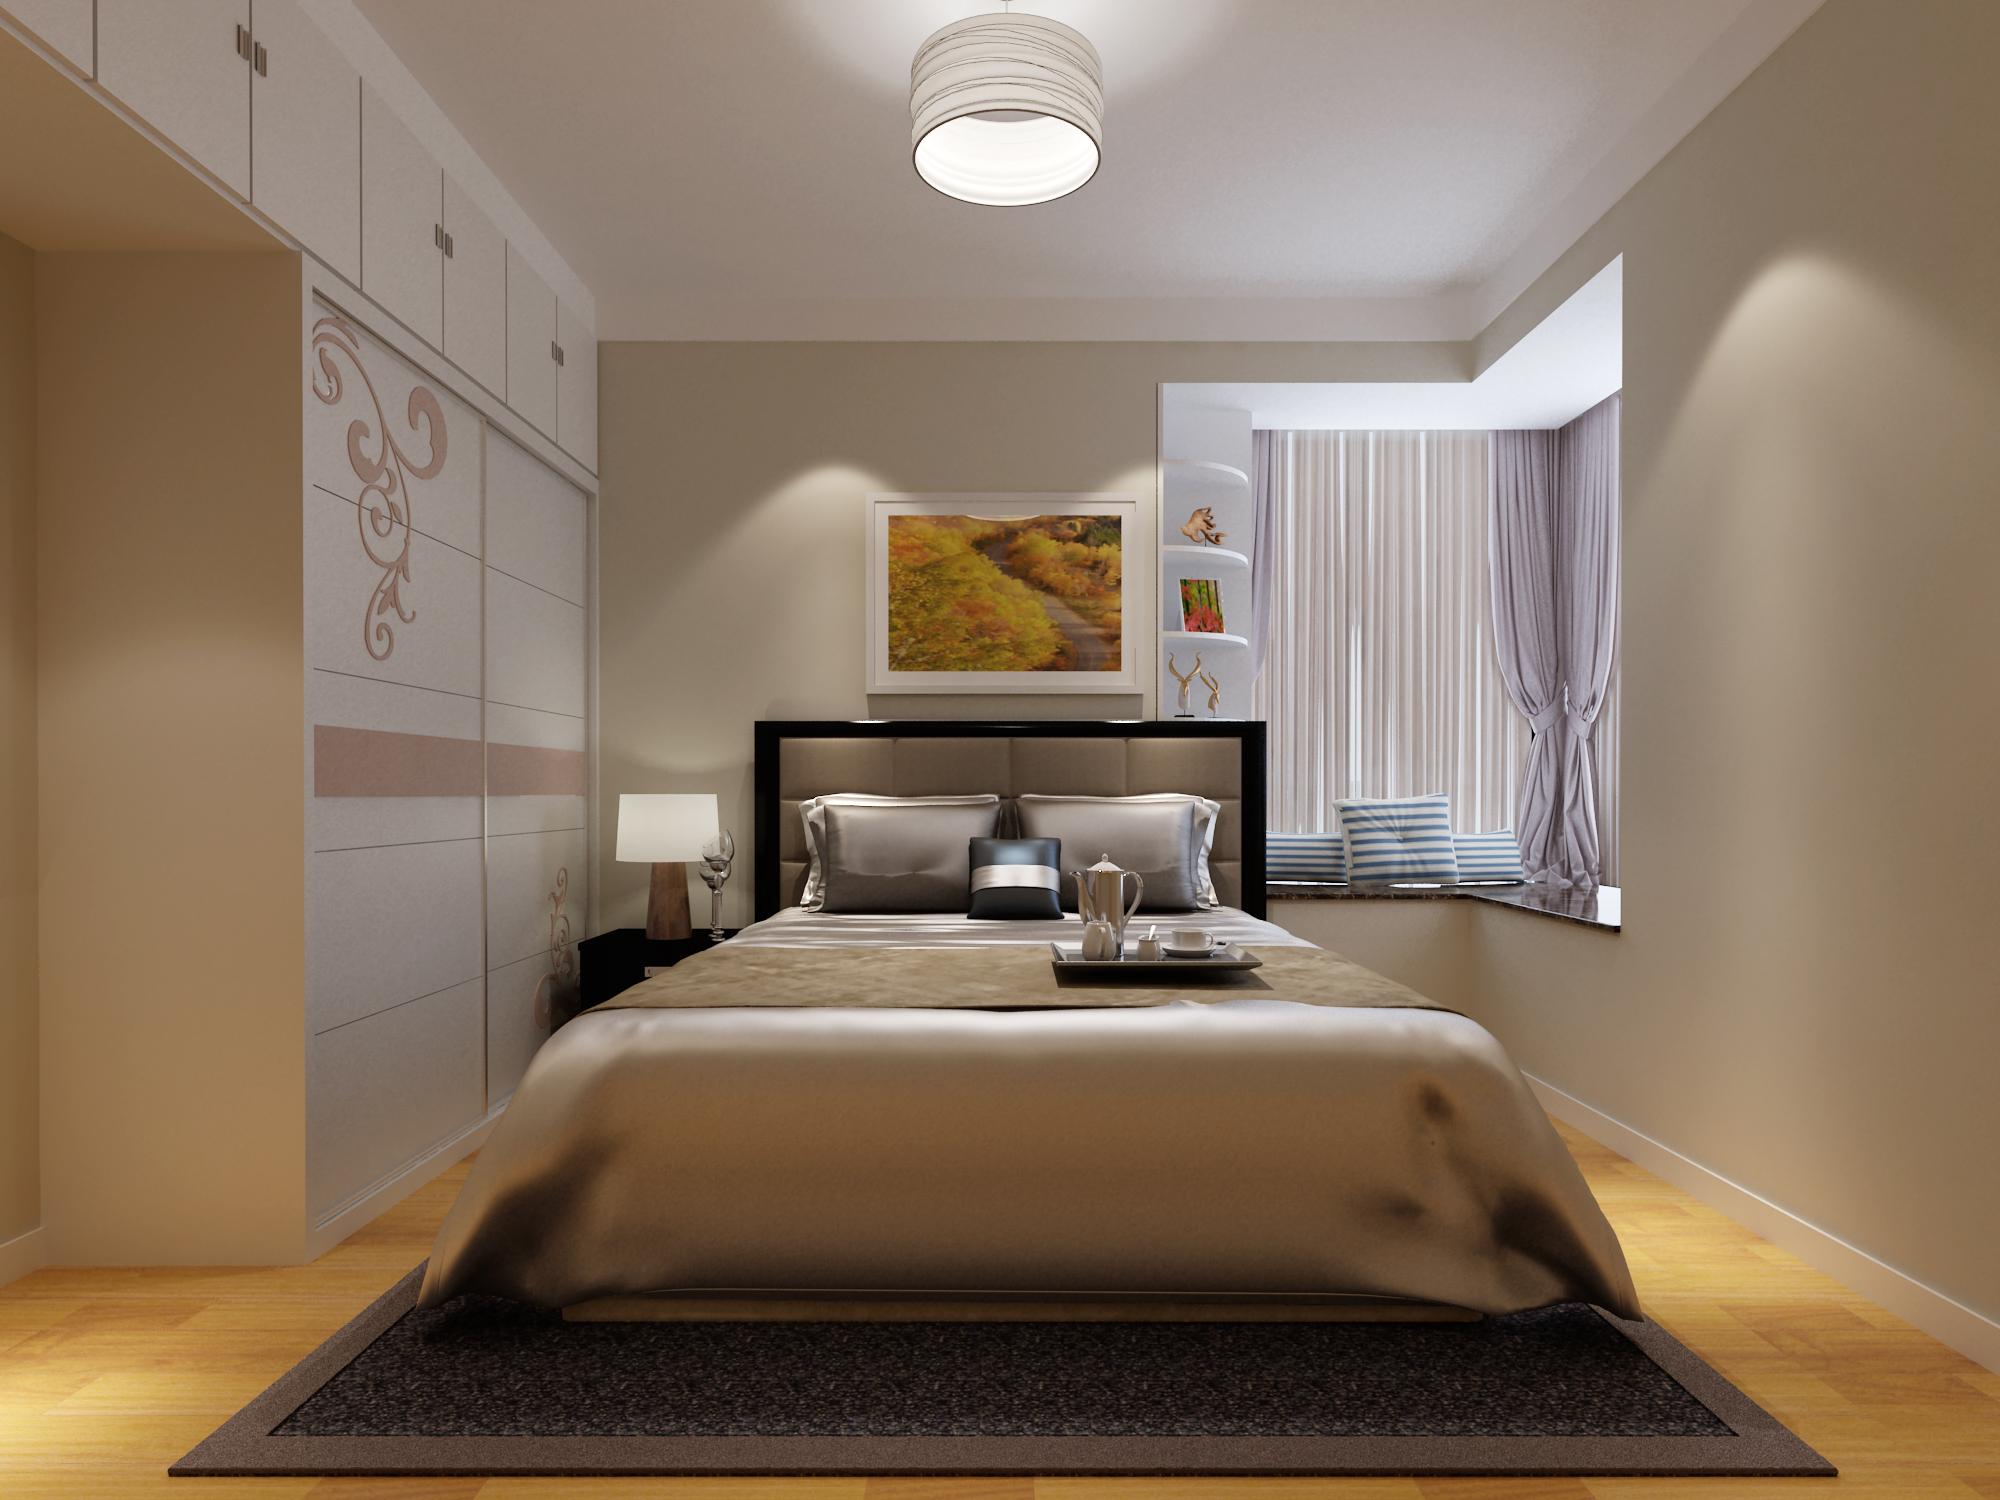 卧室图片来自159xxxx8729在海悦华庭雅居设计的分享